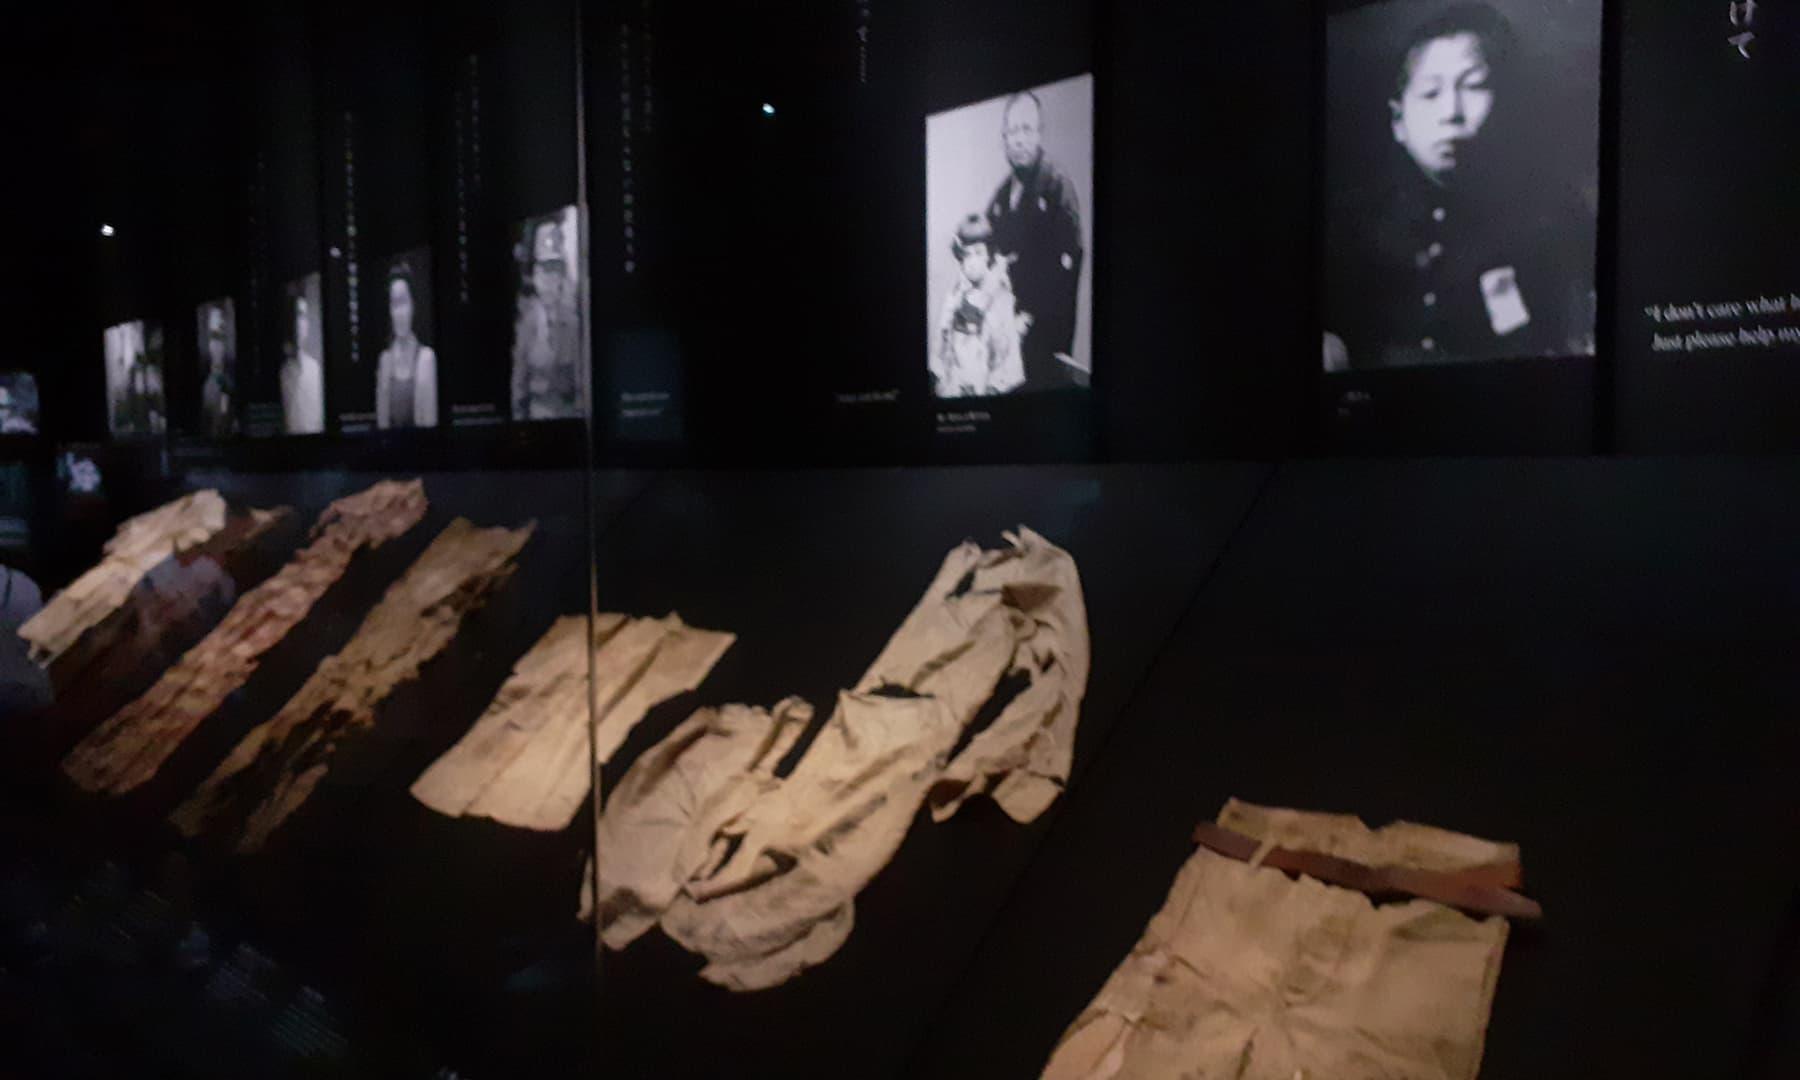 ایٹمی دھماکے کے نتیجے میں اپنی جان سے چلے جانے والے افراد کی تصاویر اور ان کی باقیات